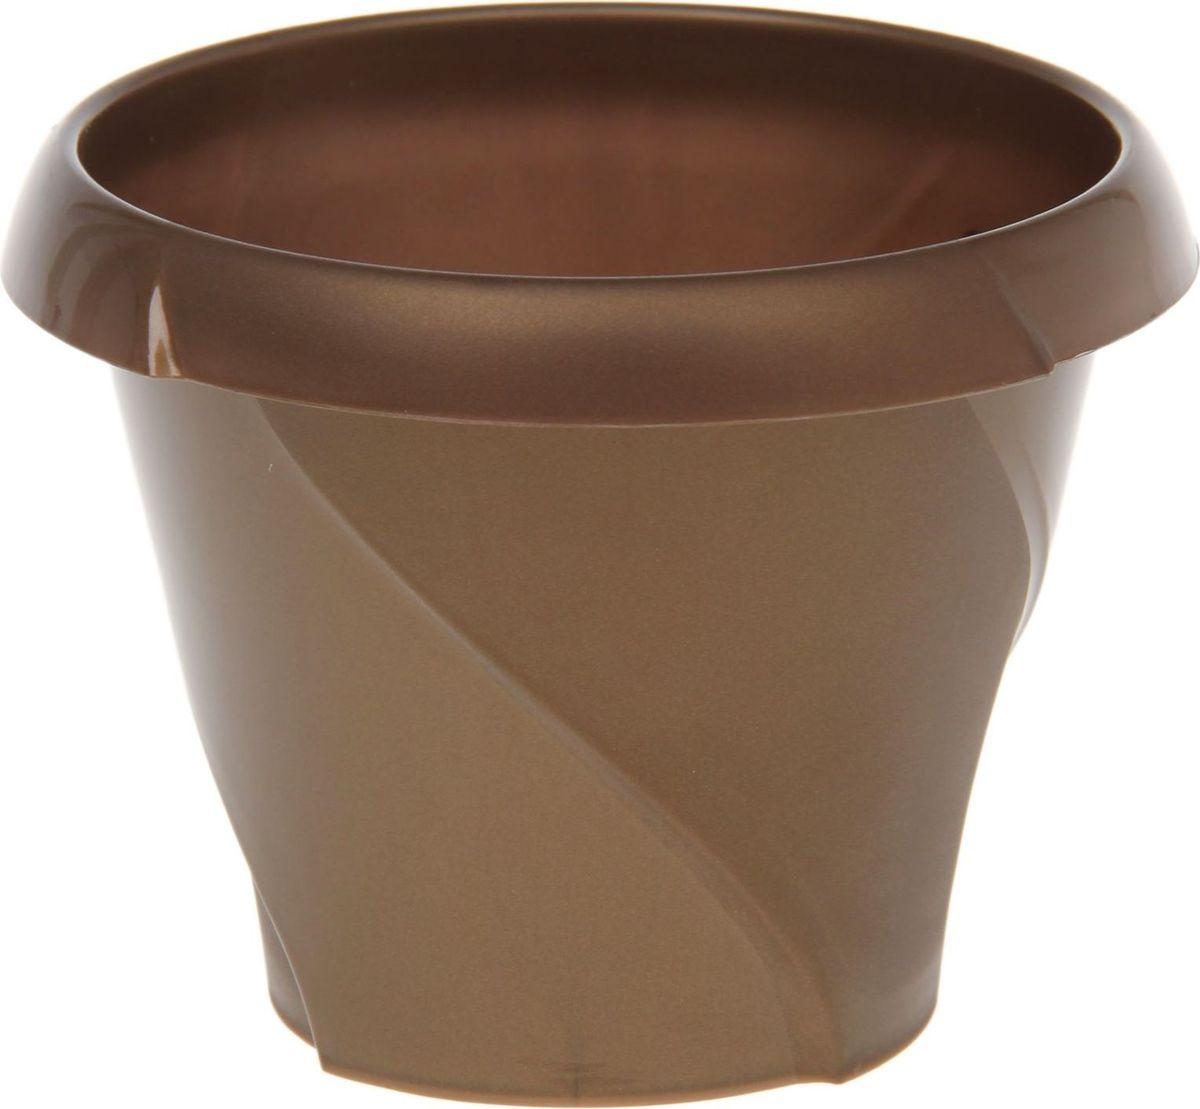 """Любой, даже самый современный и продуманный интерьер будет не завершенным без растений. Они не только очищают воздух и насыщают его кислородом, но и заметно украшают окружающее пространство. Такому полезному члену семьи просто необходимо красивое и функциональное кашпо, оригинальный горшок или необычная ваза! Мы предлагаем - Кашпо 1,4 л """"Флориана"""", d=17 см, цвет золотой! Оптимальный выбор материала - это пластмасса! Почему мы так считаем? Малый вес. С легкостью переносите горшки и кашпо с места на место, ставьте их на столики или полки, подвешивайте под потолок, не беспокоясь о нагрузке. Простота ухода. Пластиковые изделия не нуждаются в специальных условиях хранения. Их легко чистить достаточно просто сполоснуть теплой водой. Никаких царапин. Пластиковые кашпо не царапают и не загрязняют поверхности, на которых стоят. Пластик дольше хранит влагу, а значит растение реже нуждается в поливе. Пластмасса не пропускает воздух корневой системе растения не грозят резкие перепады температур. Огромный выбор форм, декора и расцветок вы без труда подберете что-то, что идеально впишется в уже существующий интерьер. Соблюдая нехитрые правила ухода, вы можете заметно продлить срок службы горшков, вазонов и кашпо из пластика: всегда учитывайте размер кроны и корневой системы растения (при разрастании большое растение способно повредить маленький горшок) берегите изделие от воздействия прямых солнечных лучей, чтобы кашпо и горшки не выцветали держите кашпо и горшки из пластика подальше от нагревающихся поверхностей. Создавайте прекрасные цветочные композиции, выращивайте рассаду или необычные растения, а низкие цены позволят вам не ограничивать себя в выборе."""